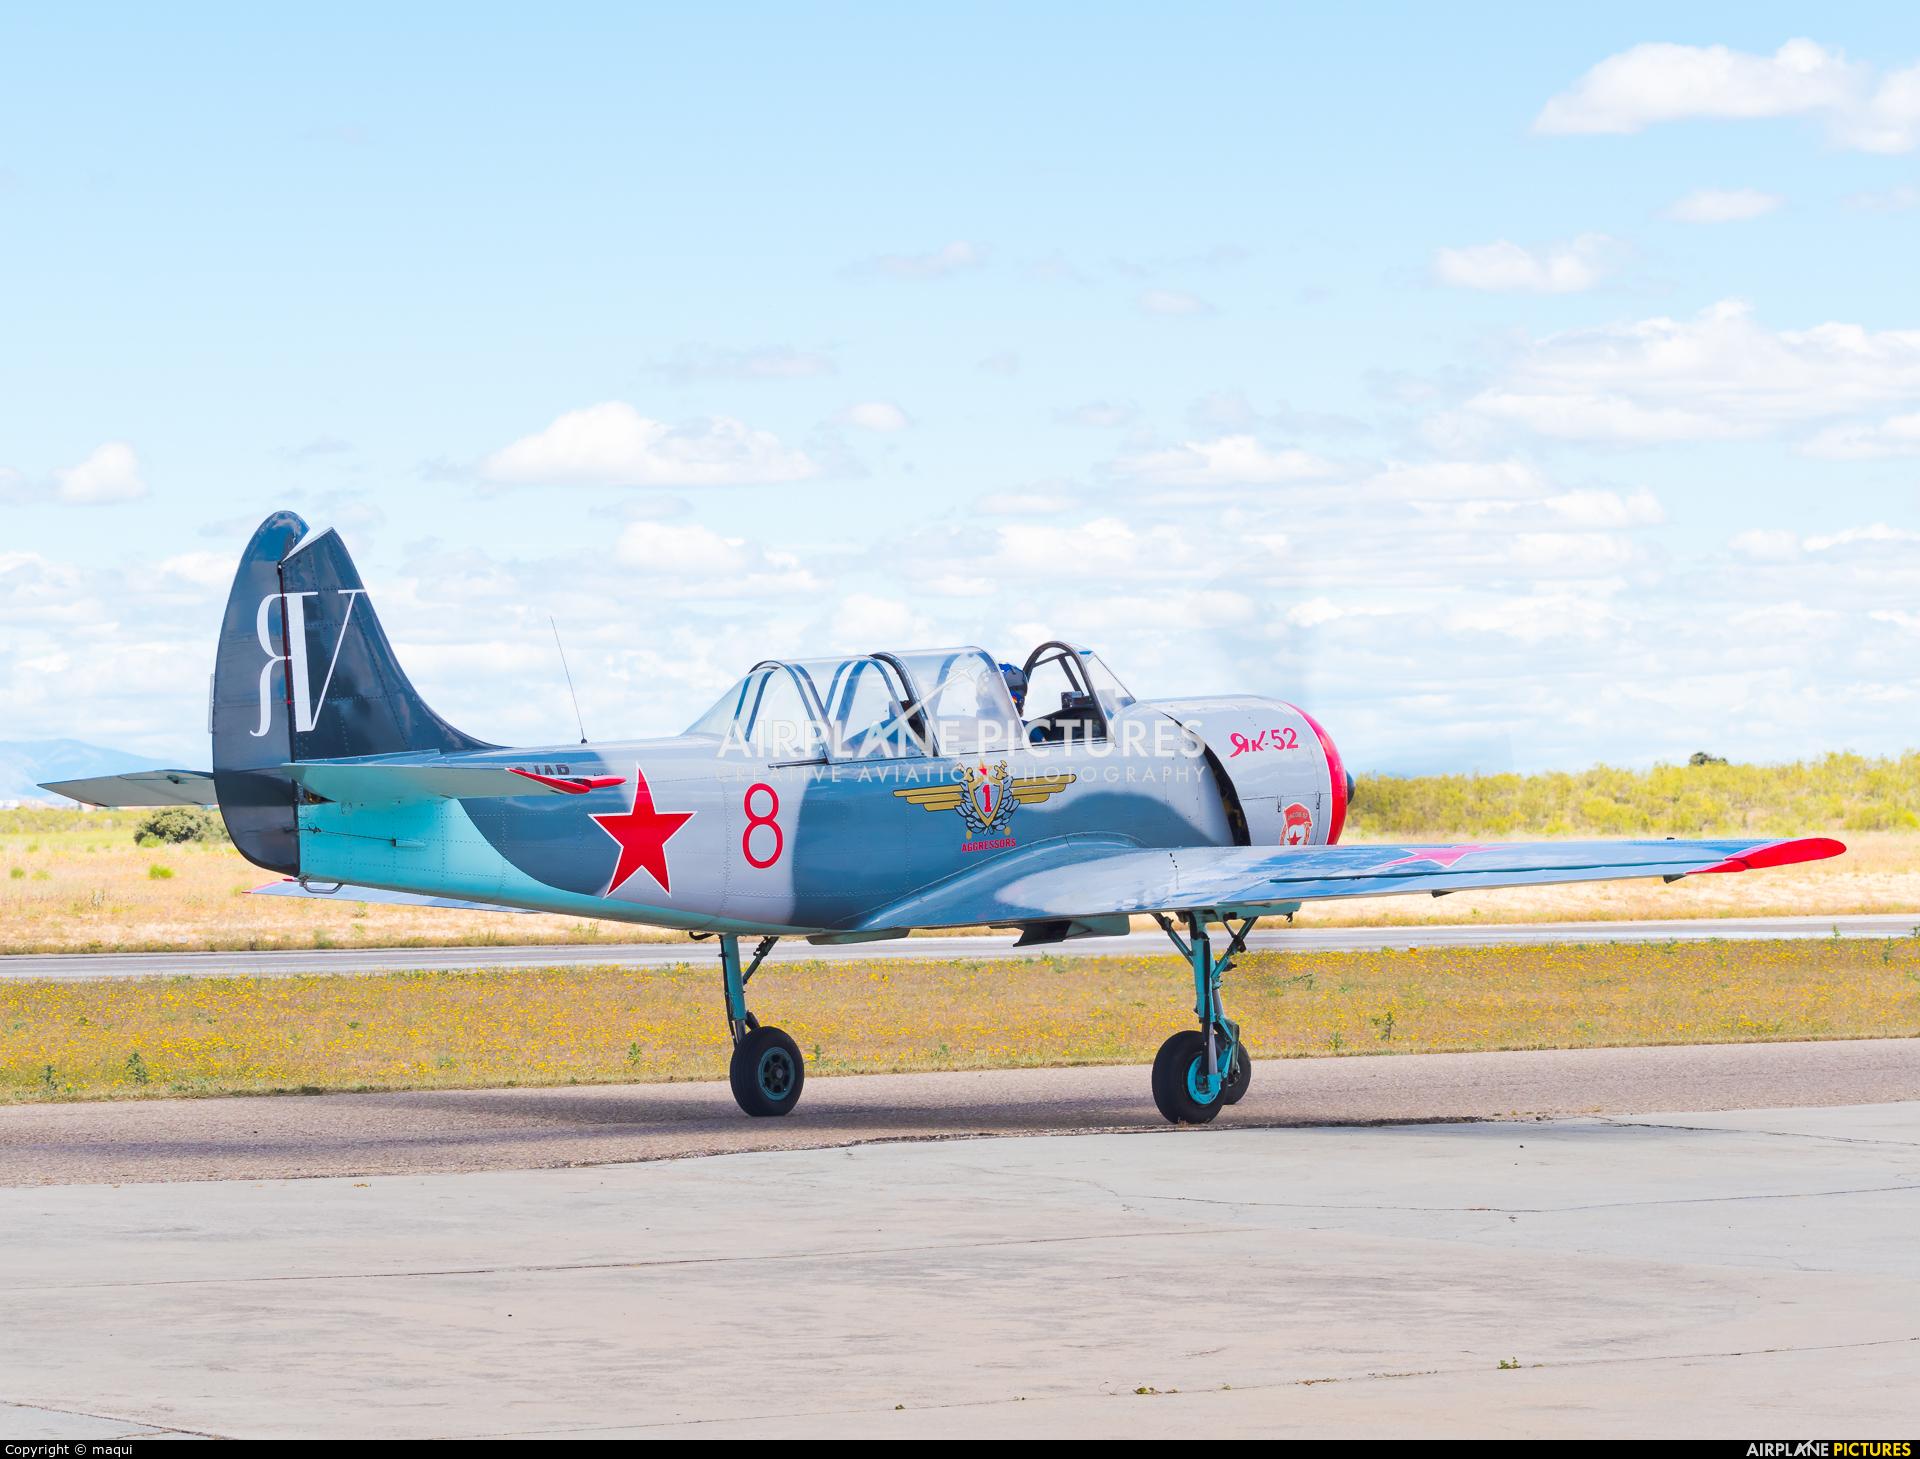 """Asociación Deportiva """"Jacob 52"""" EC-IAR aircraft at Casarrubios del Monte"""